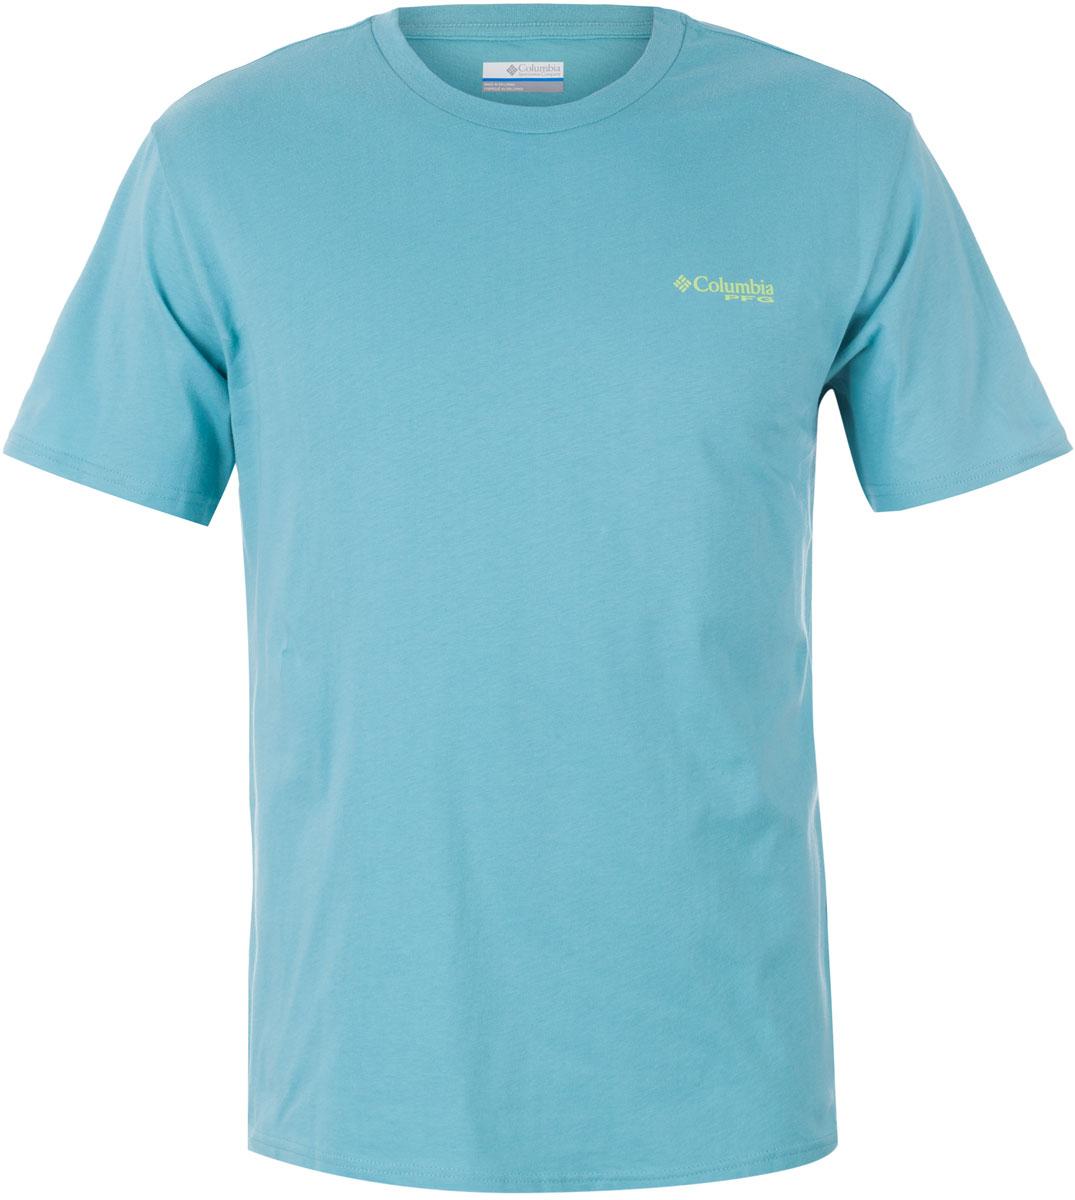 Футболка мужская Columbia PFG Tools Elements SS T-shirt, цвет: бирюзовый. 1717221-909. Размер S (44/46)1717221-909Футболка Columbia - оптимальный вариант для активного отдыха и повседневного использования. Модель выполнена из хлопка, что обеспечивает максимально комфортные ощущения во время использования.